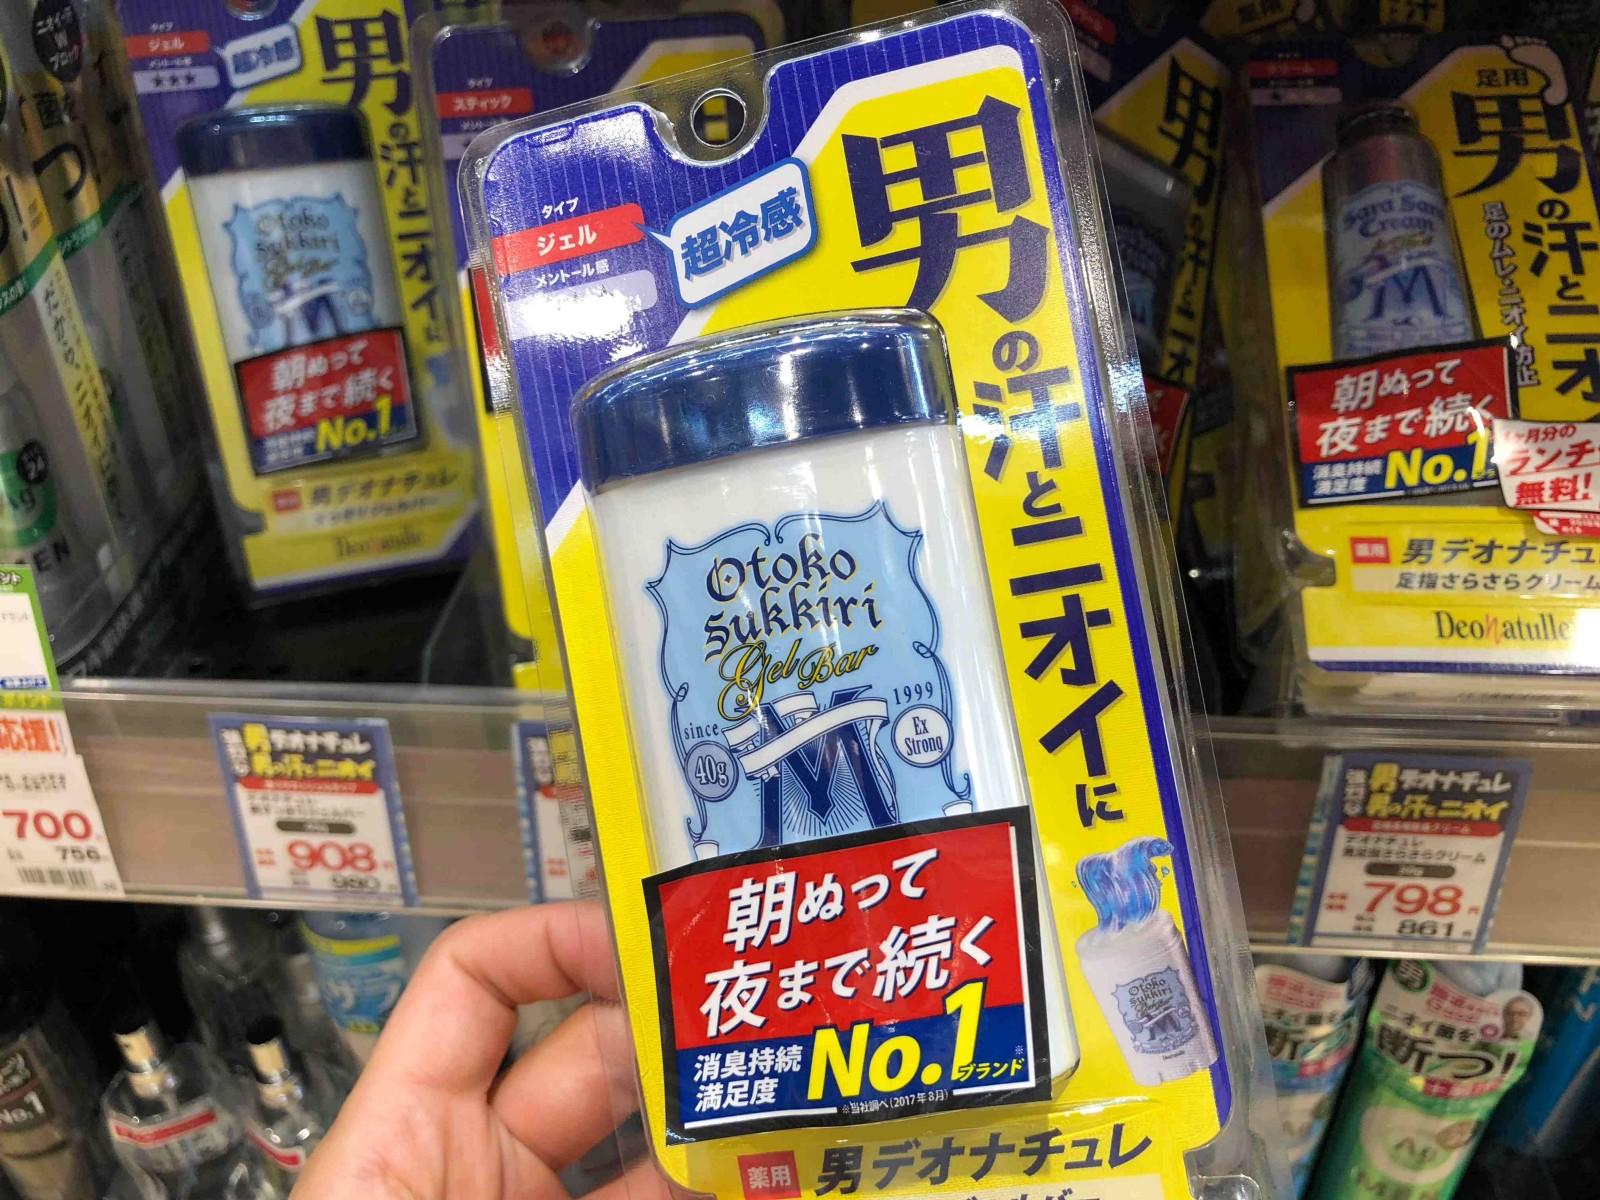 5 Best Japanese Deodorants for Men 2019 - Japan Web Magazine